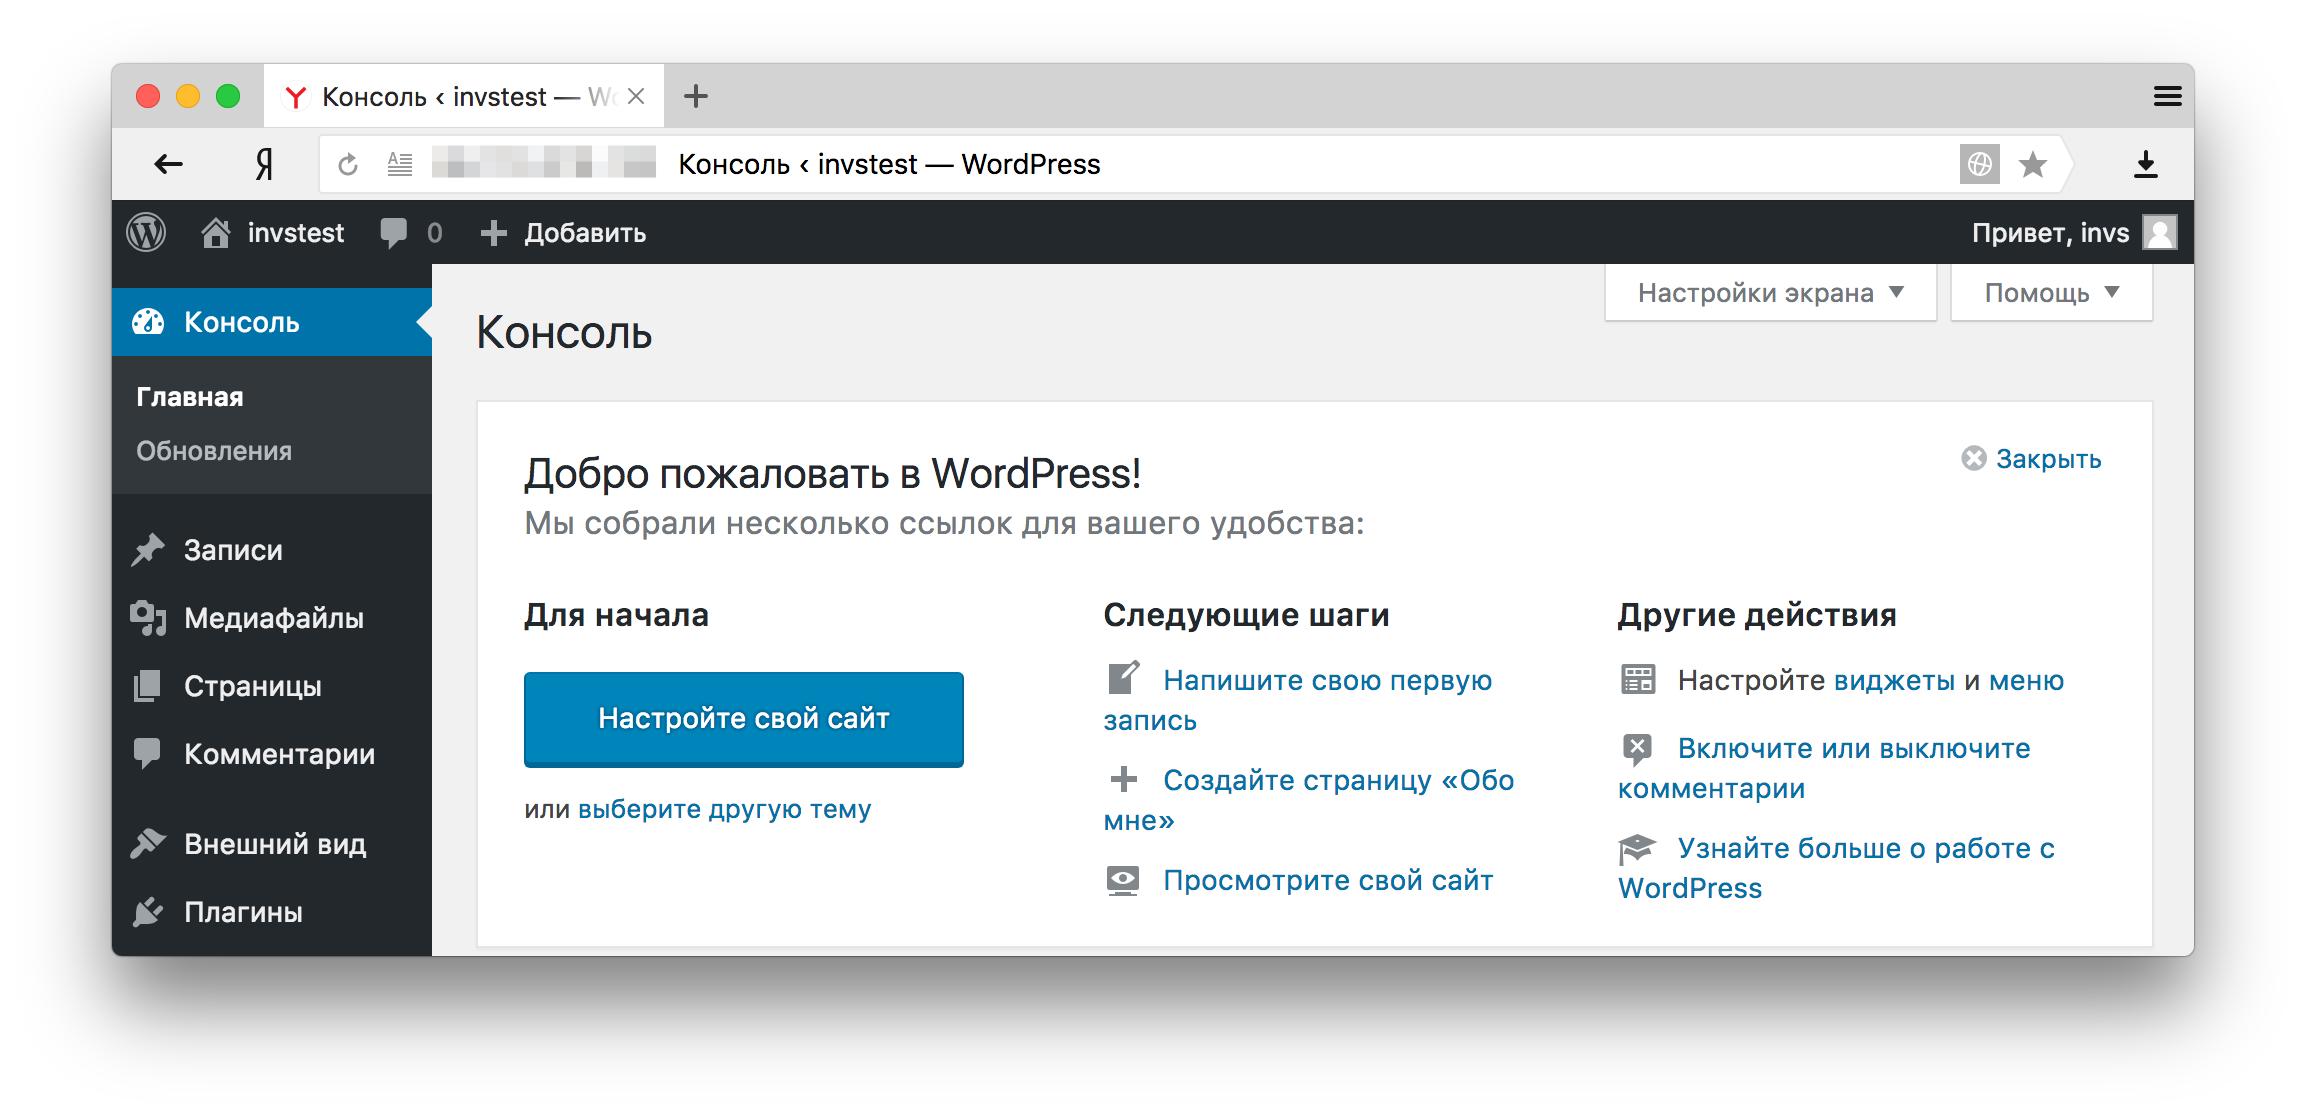 Как установить виртуальный сервер на пк сделать плеер на сайте